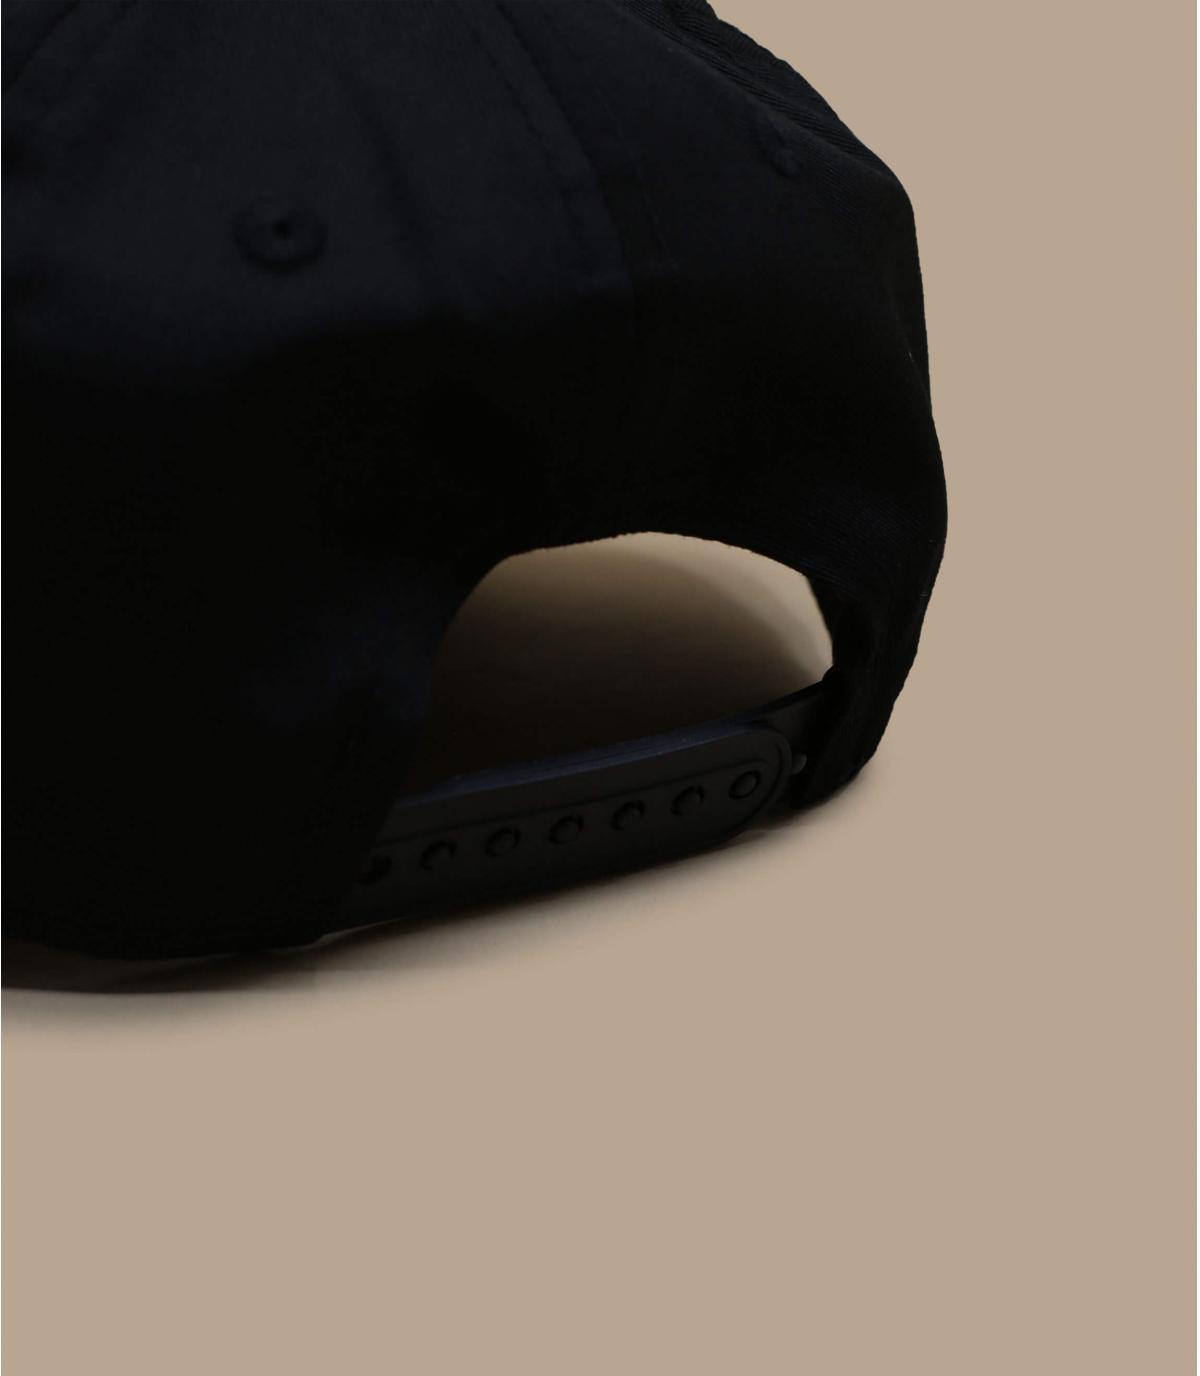 Details Kids Splat Batman 940 - Abbildung 4